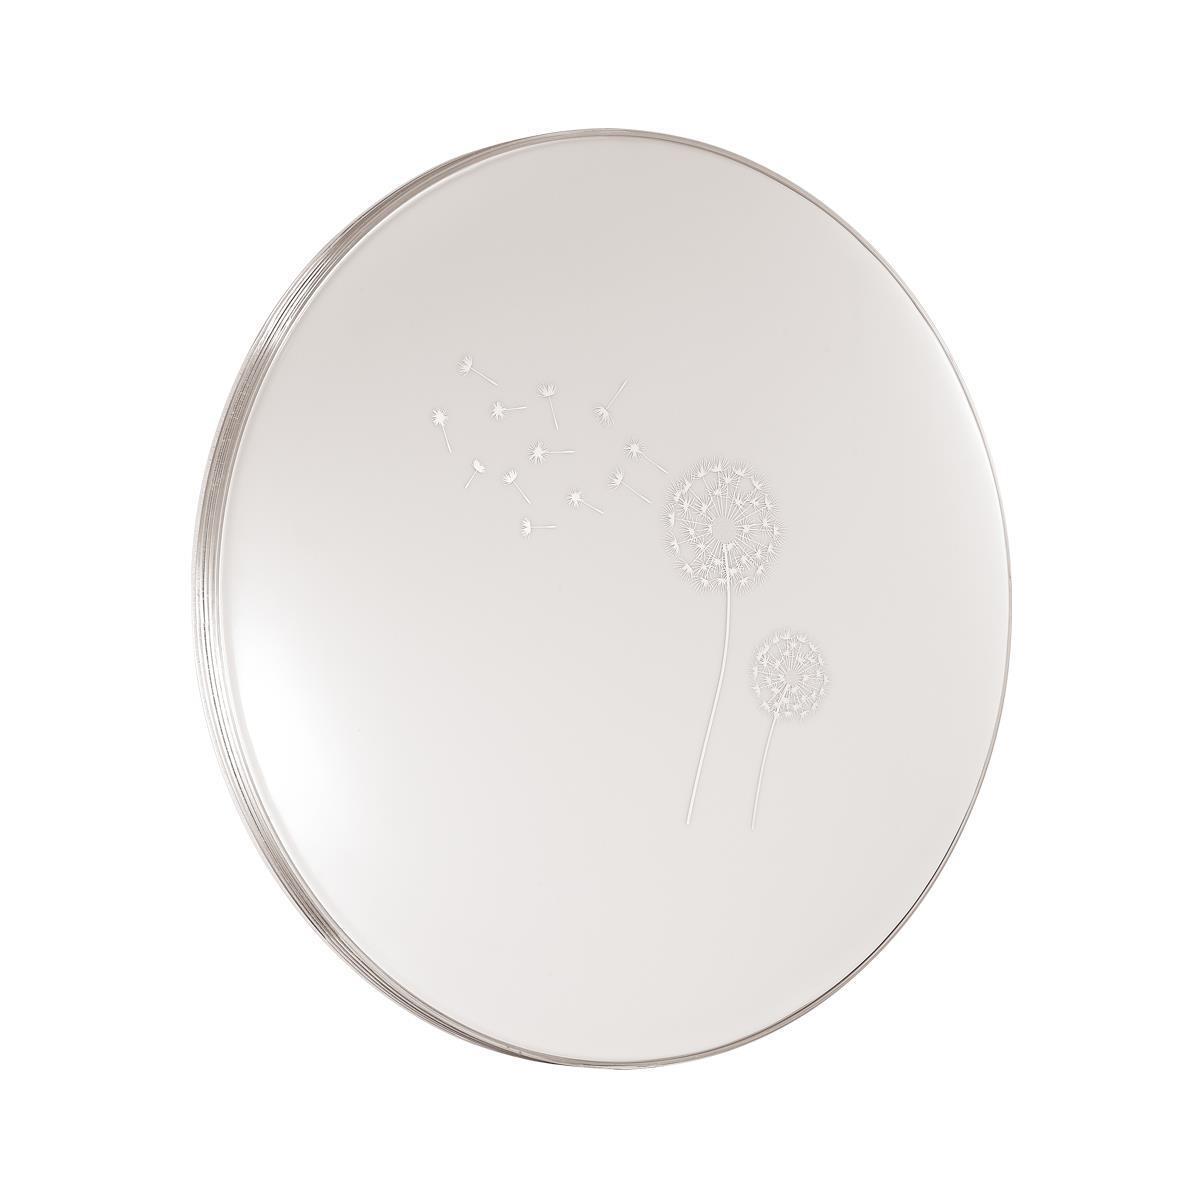 Настенно-потолочный светильник Sonex AIRITA 3005/DL, LED, 48 Вт